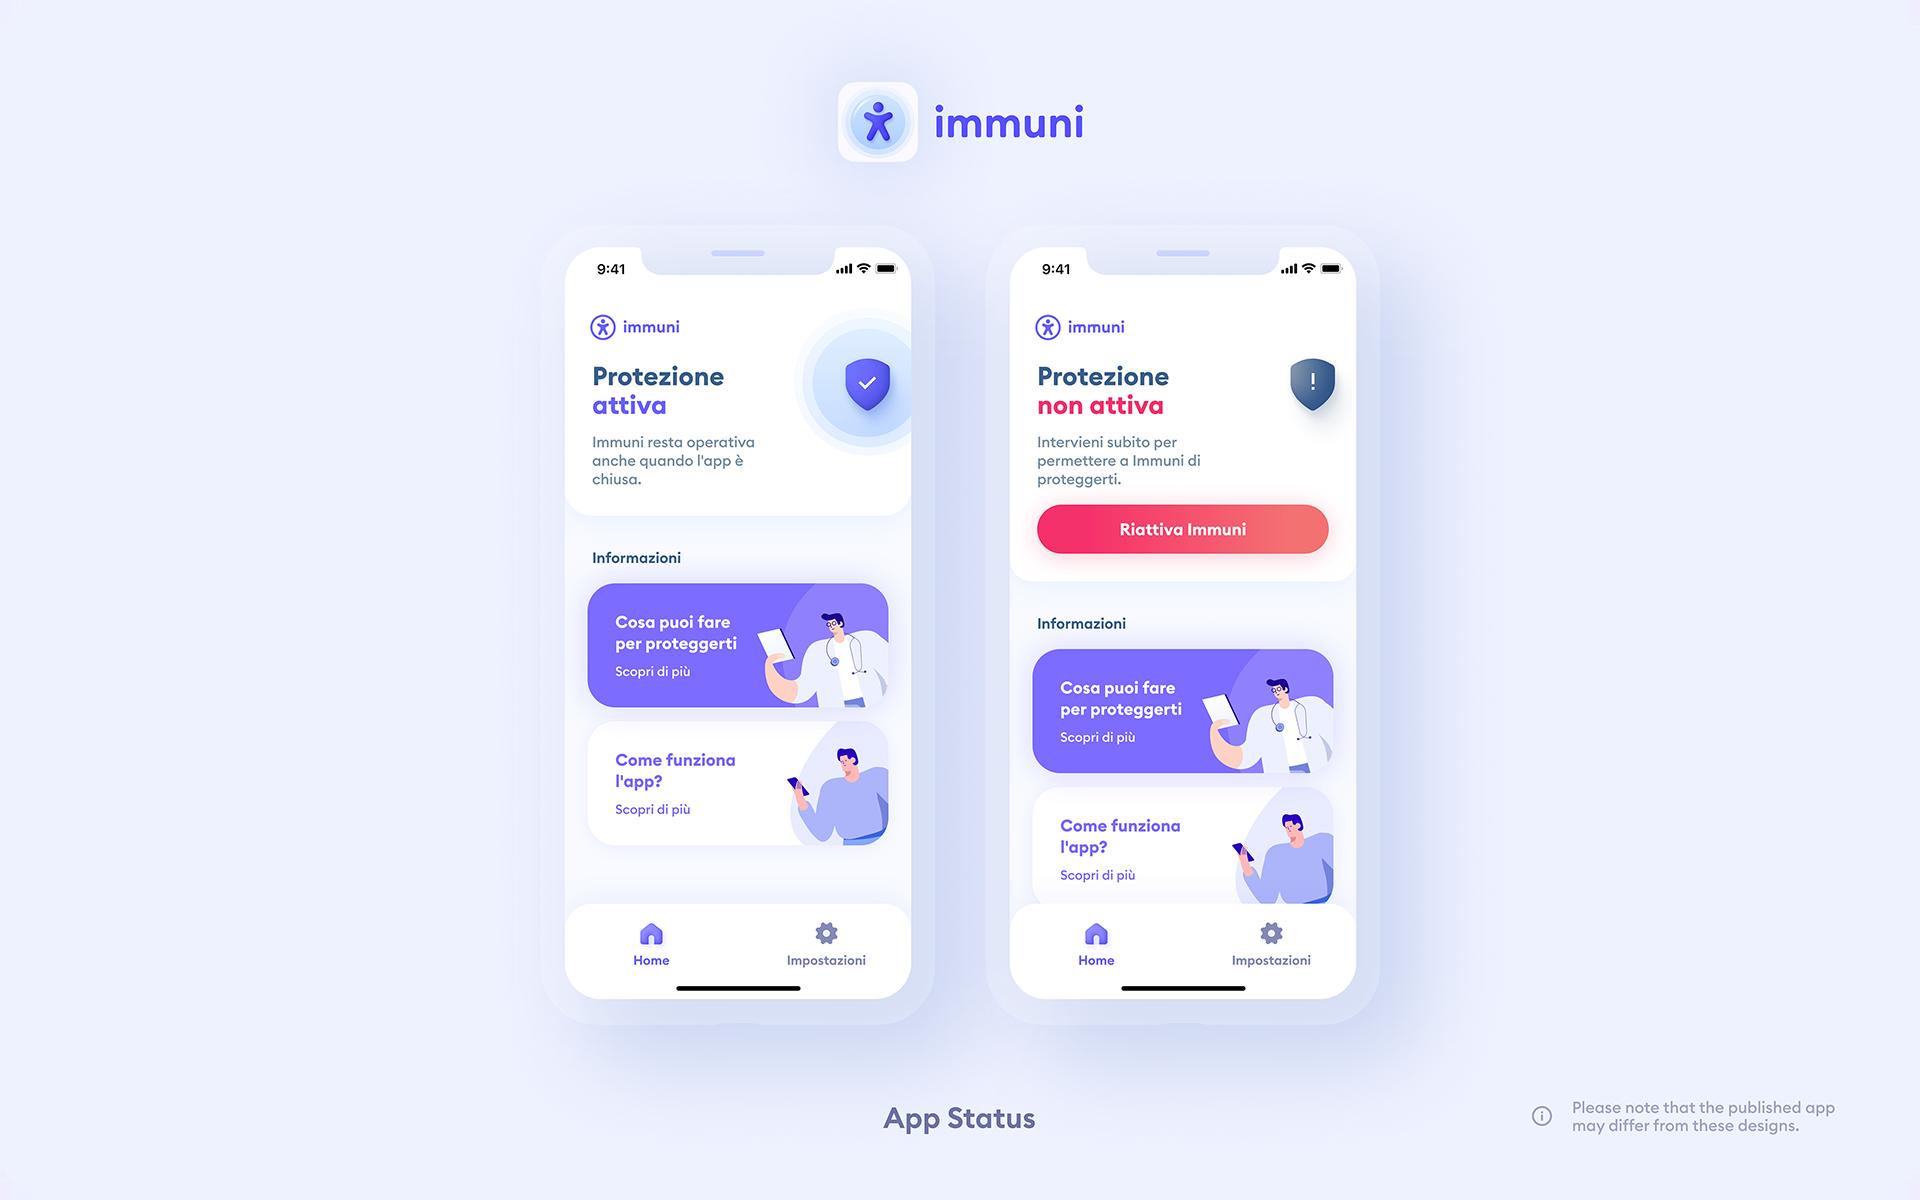 Immuni - AppStatus